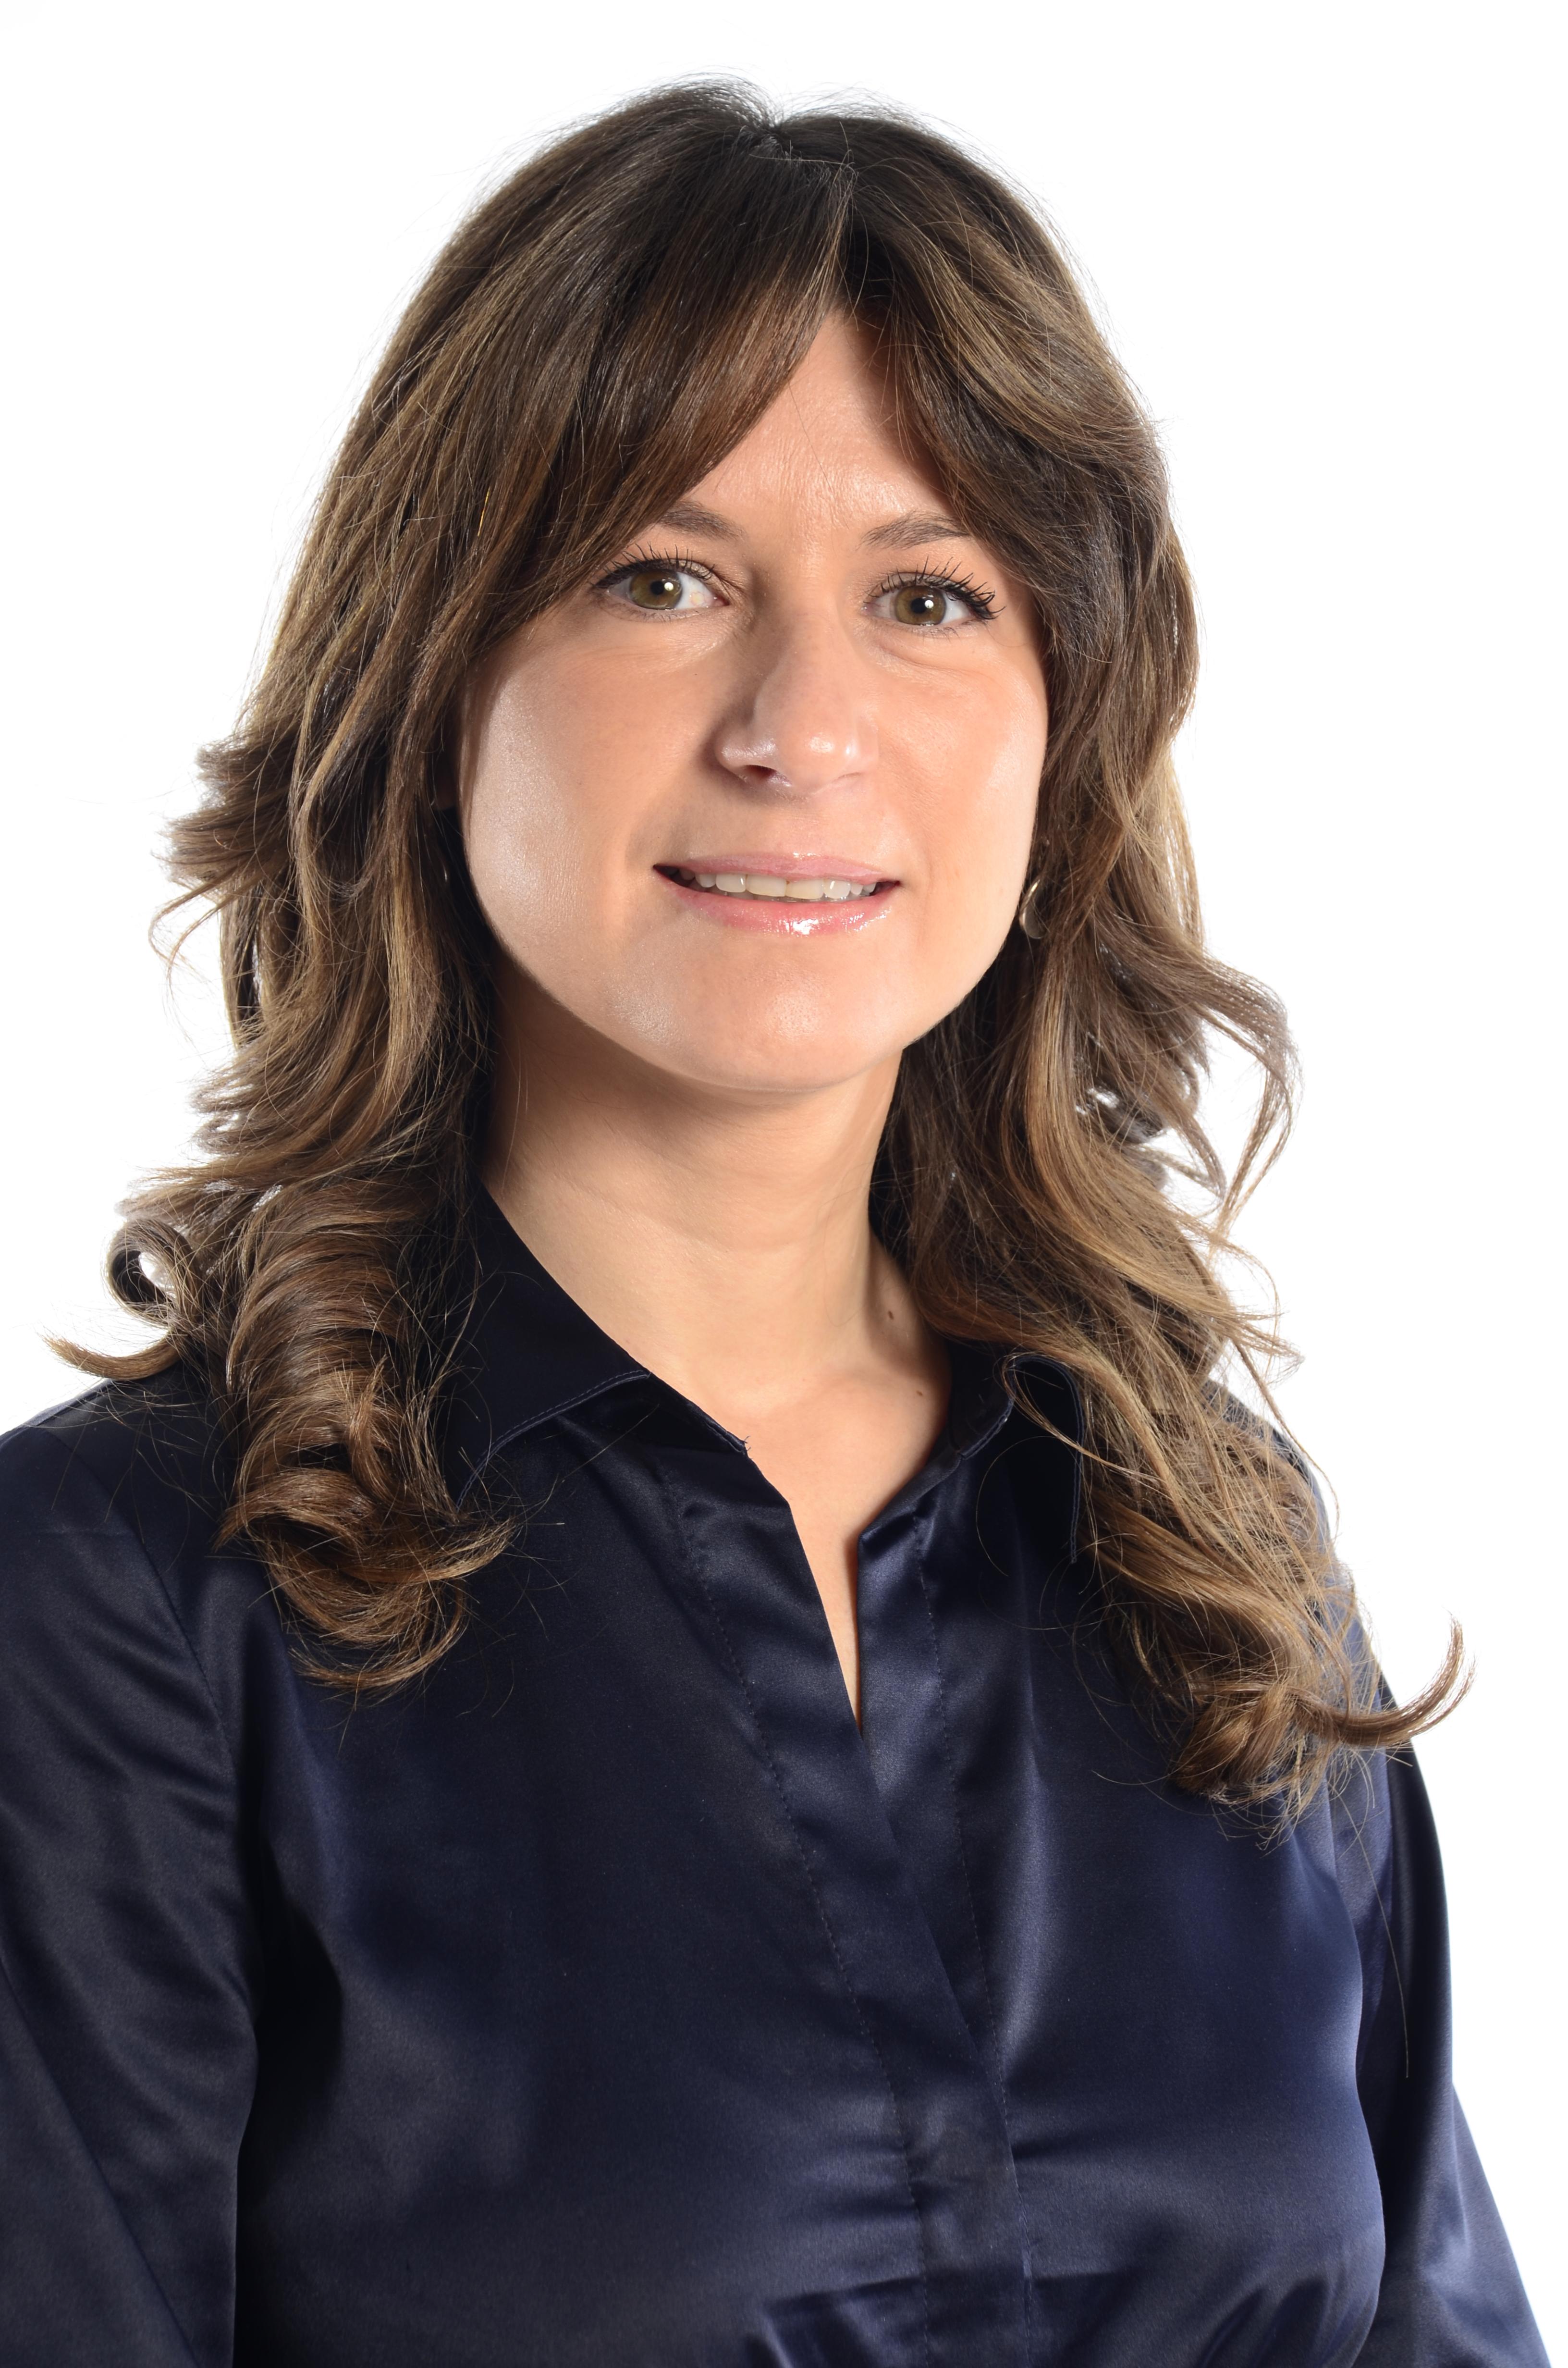 Dra. Natalia Saltalamacchia Ziccardi, Directora General del IMR